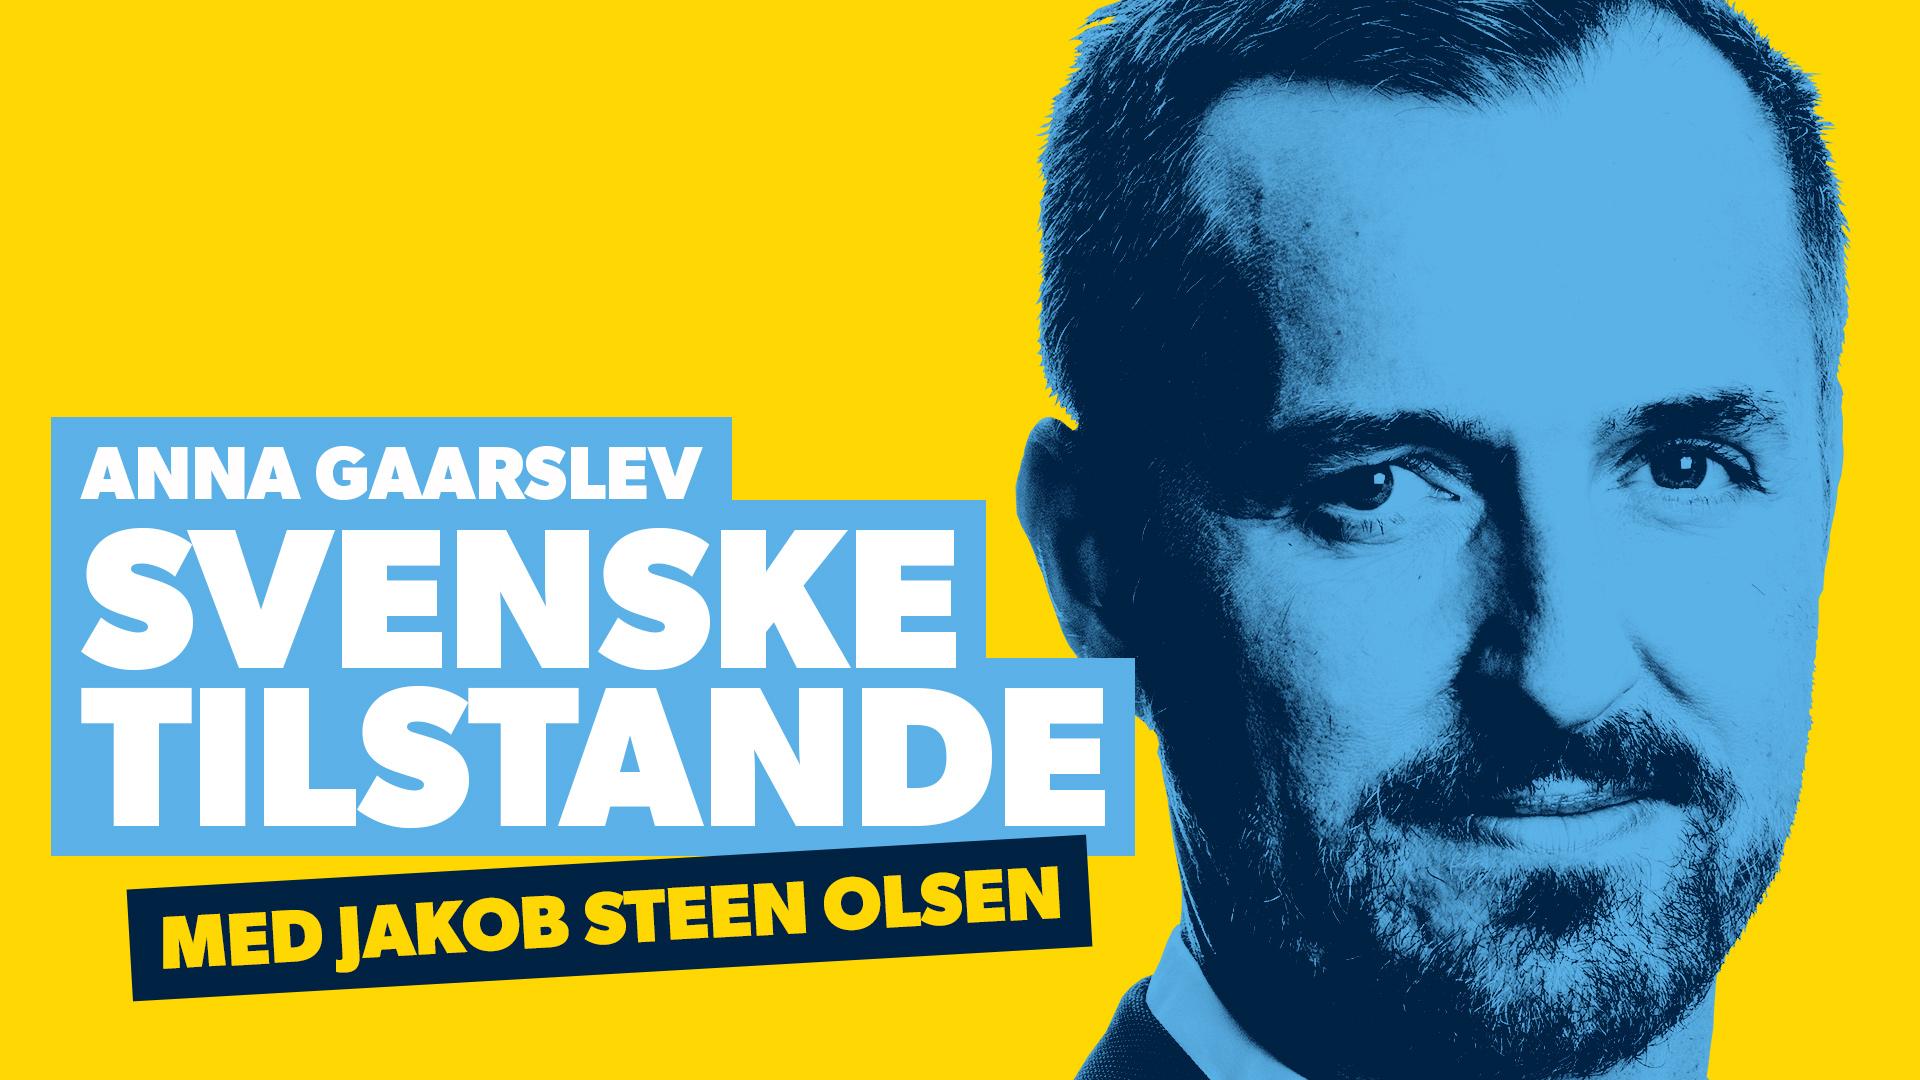 svensk_podcast_jakob_16-9_v002.jpg